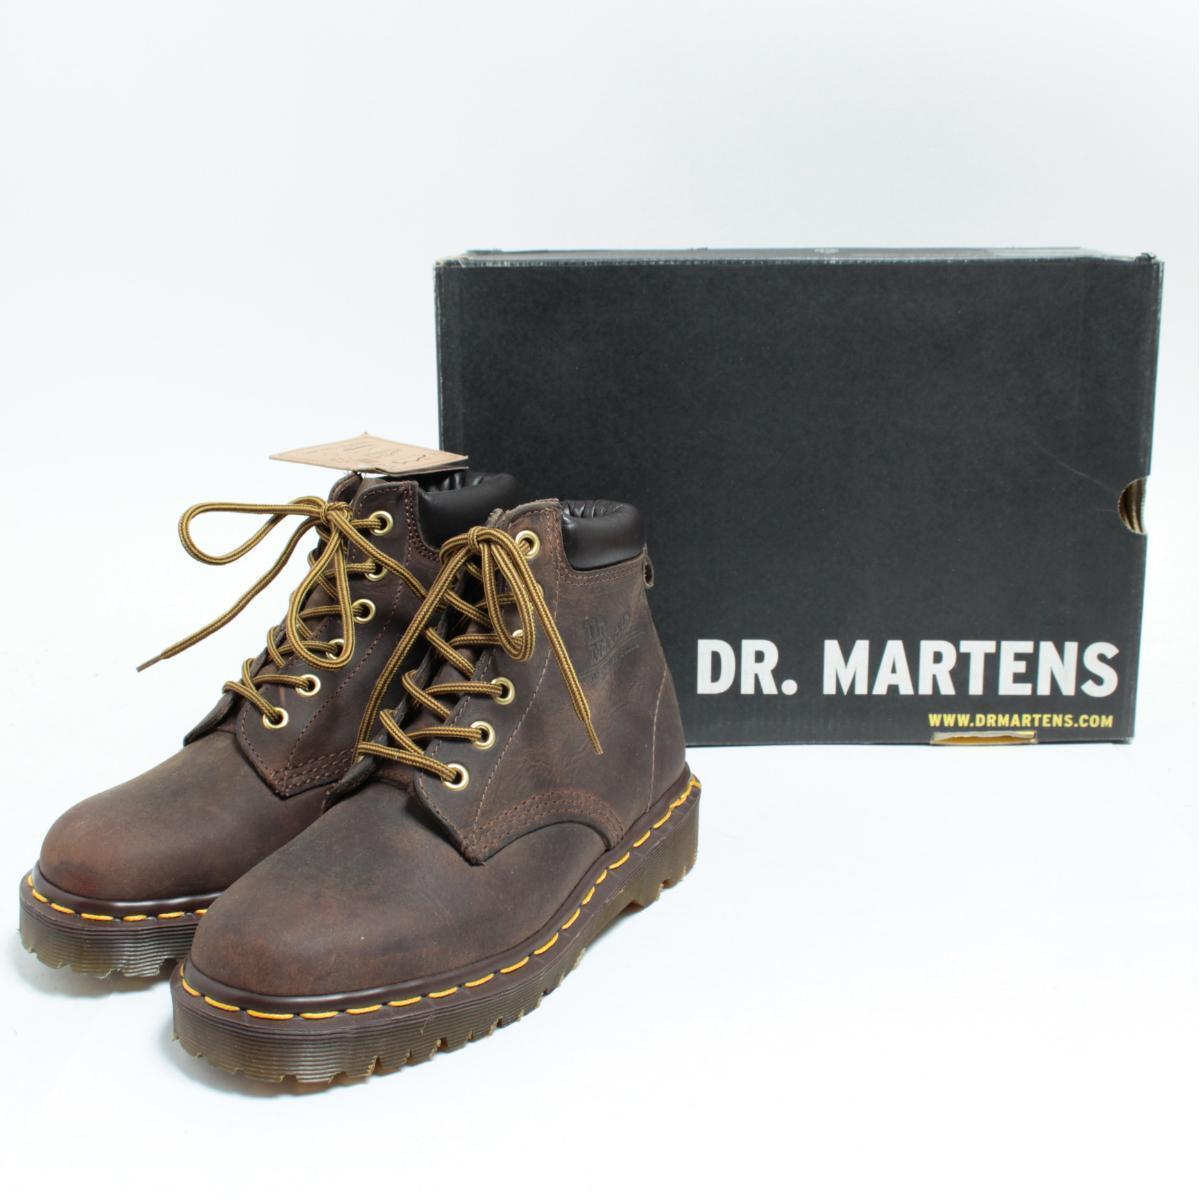 デッドストック DEADSTOCK ドクターマーチン Dr.Martens 6ホールブーツ 英国製 UK3 レディース21.5cm /boj8718 【中古】 【171102】